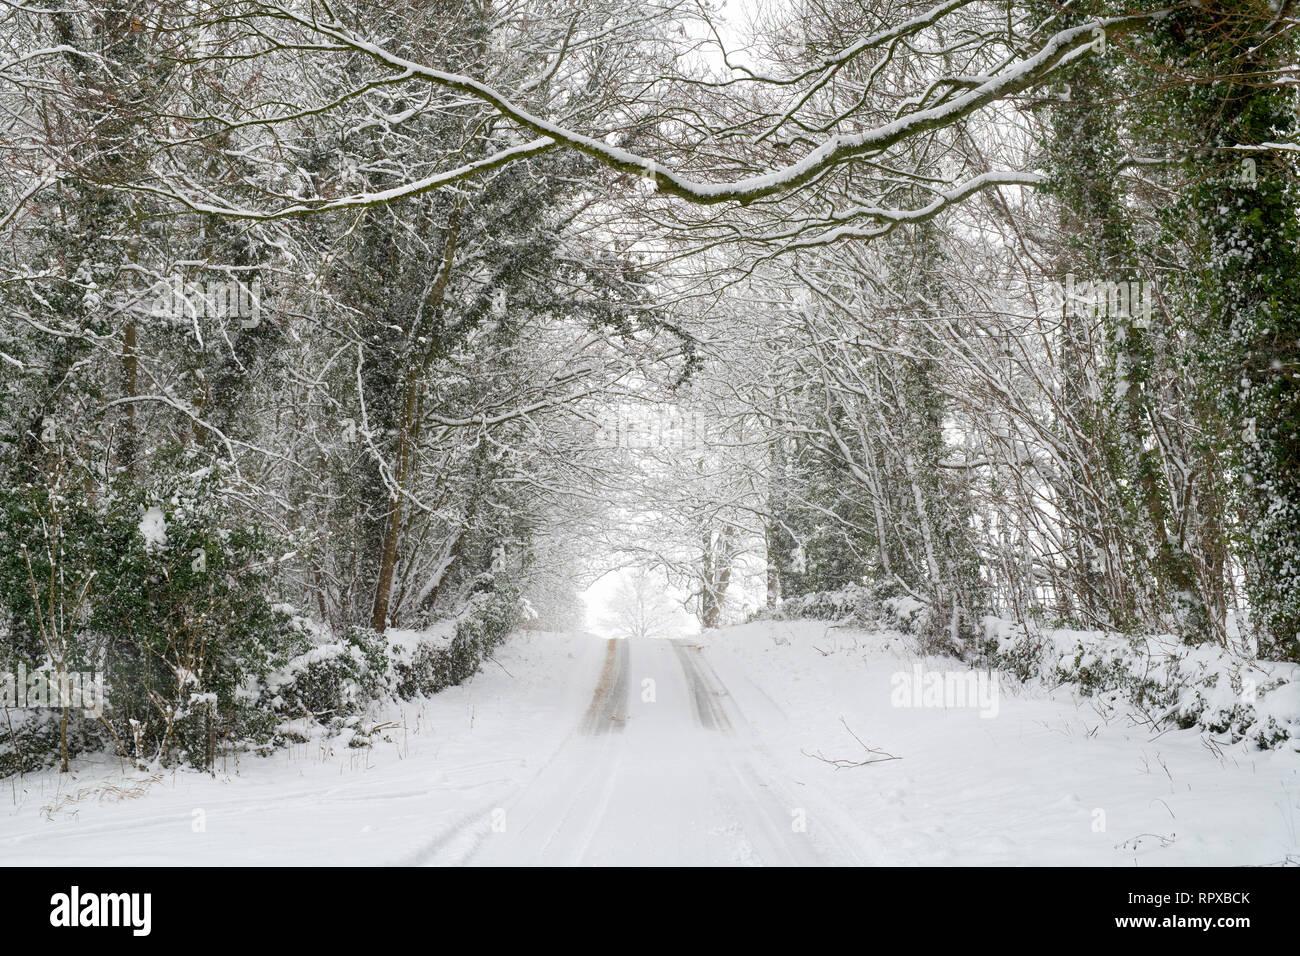 Carretera de campo cubierta de nieve cerca de Eastleach en enero. Eastleach, Cotswolds, Gloucestershire, Inglaterra Foto de stock